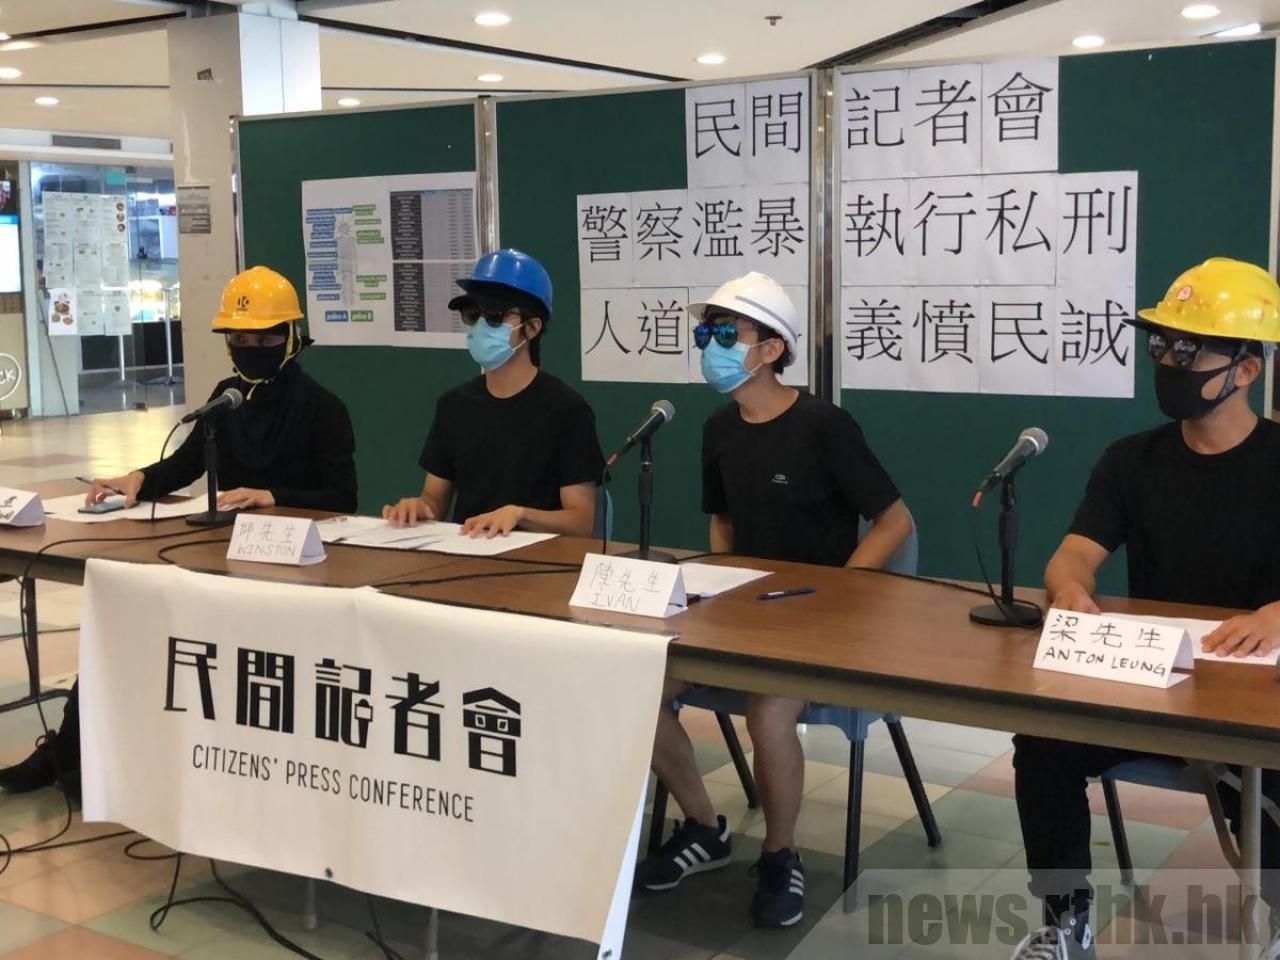 民間記者會質疑林鄭月娥構建對話平台的有效性。圖:香港電台網站